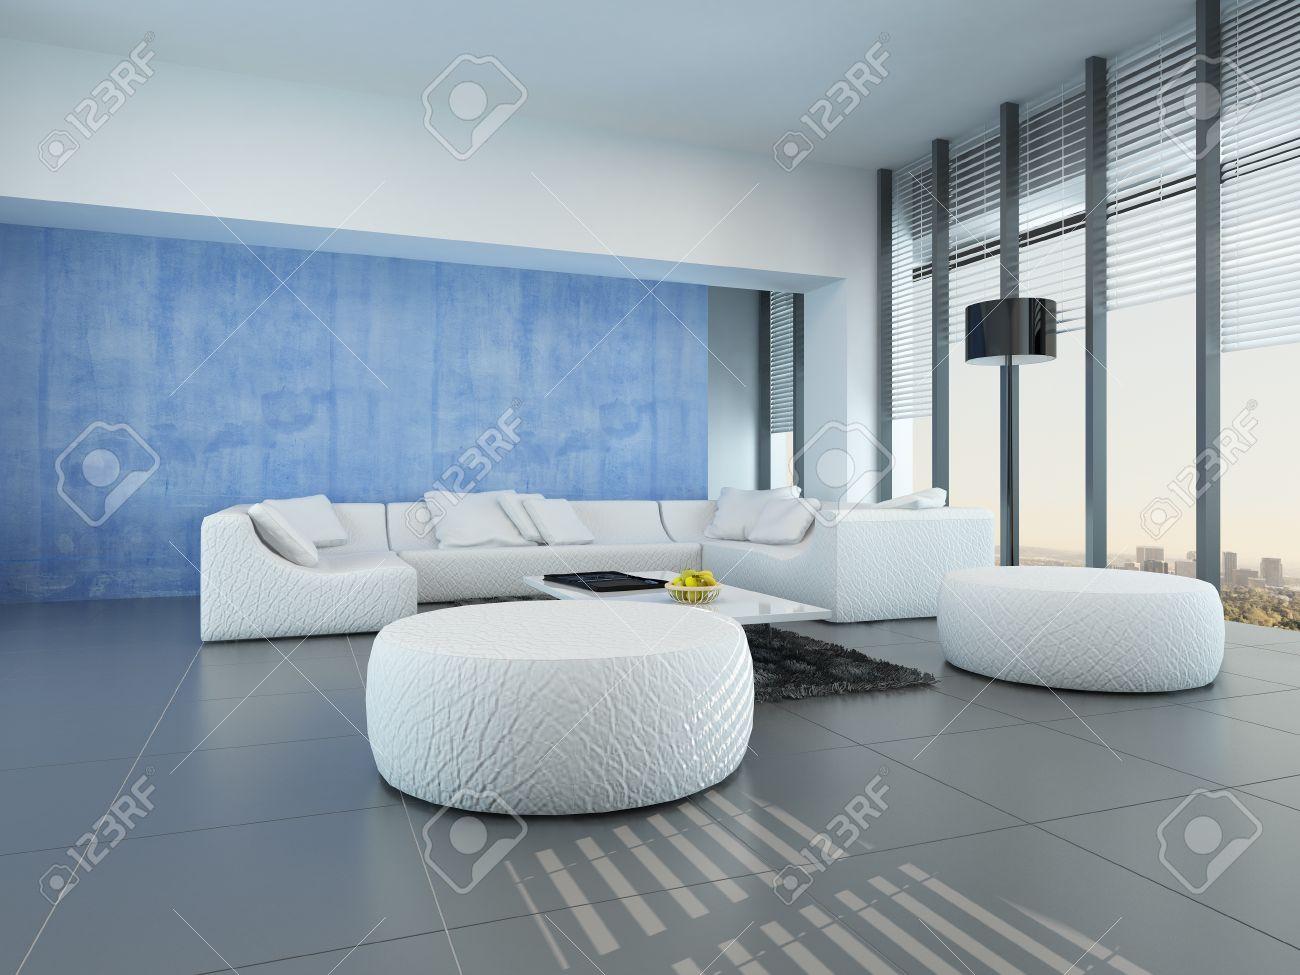 Perfekt Wanddekoration. Moderne Grau, Blau Und Weiß Wohnzimmer Interieur Mit Einer  Modularen .